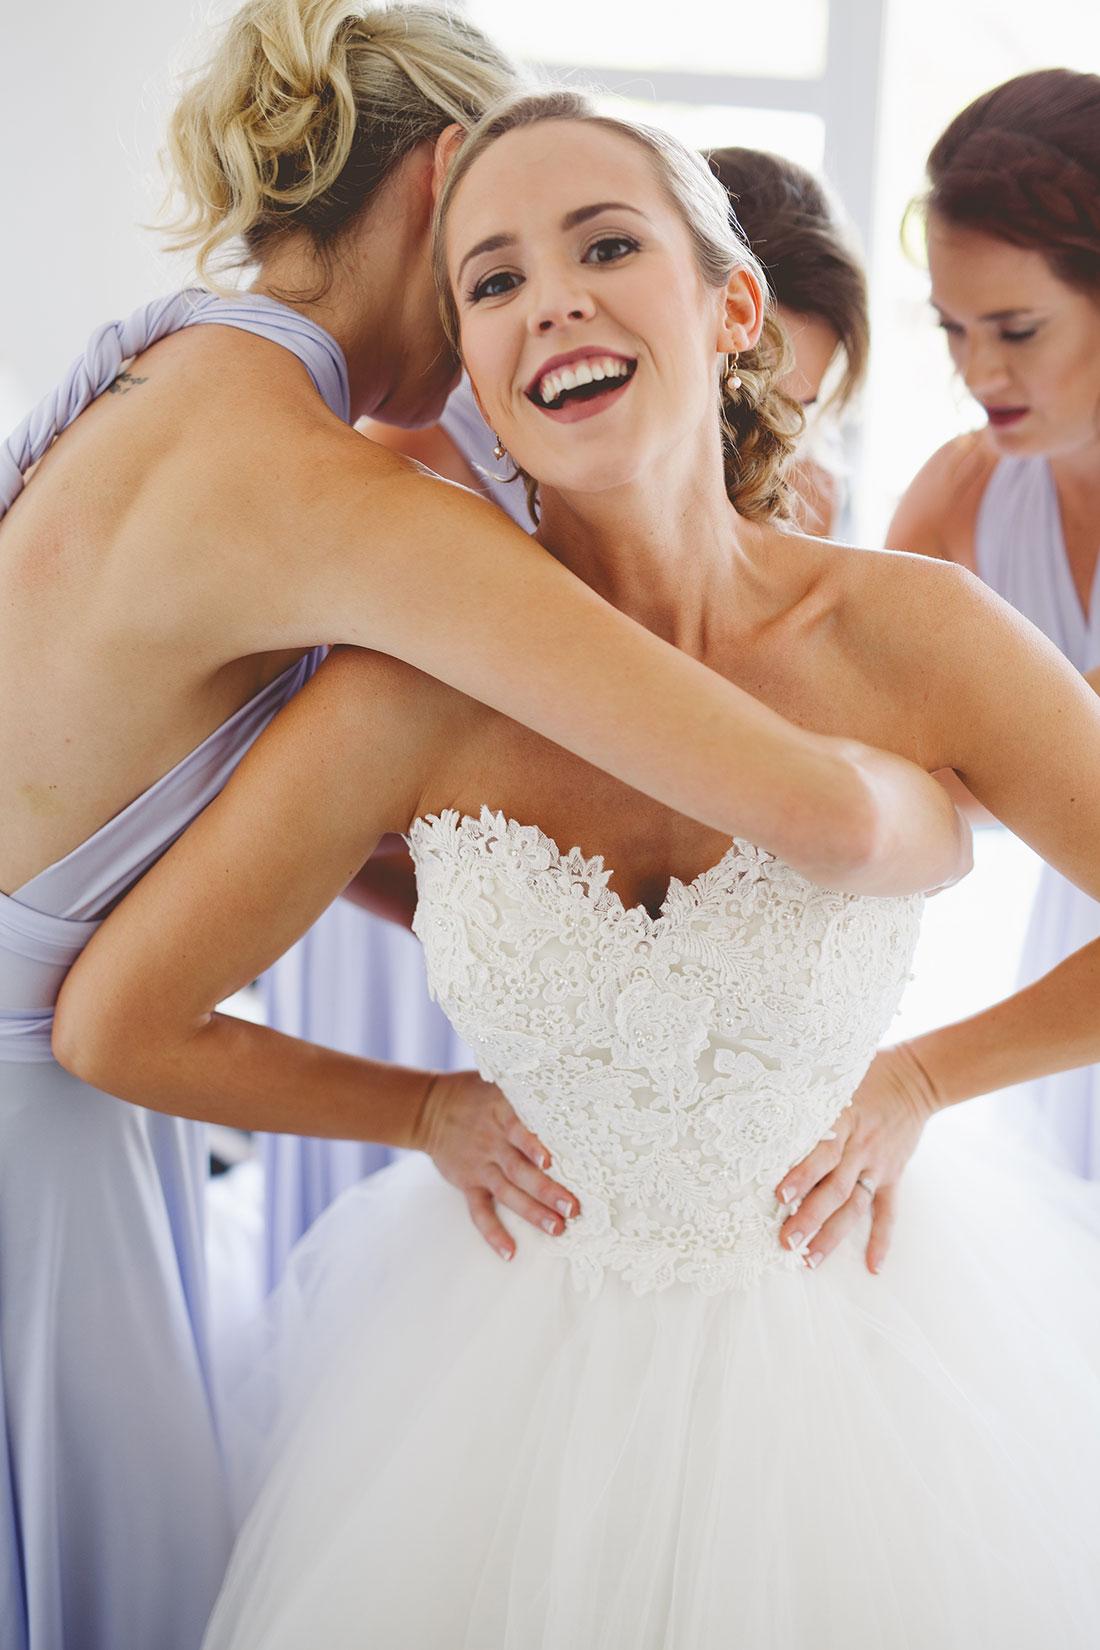 pre-bride_31421300264_o